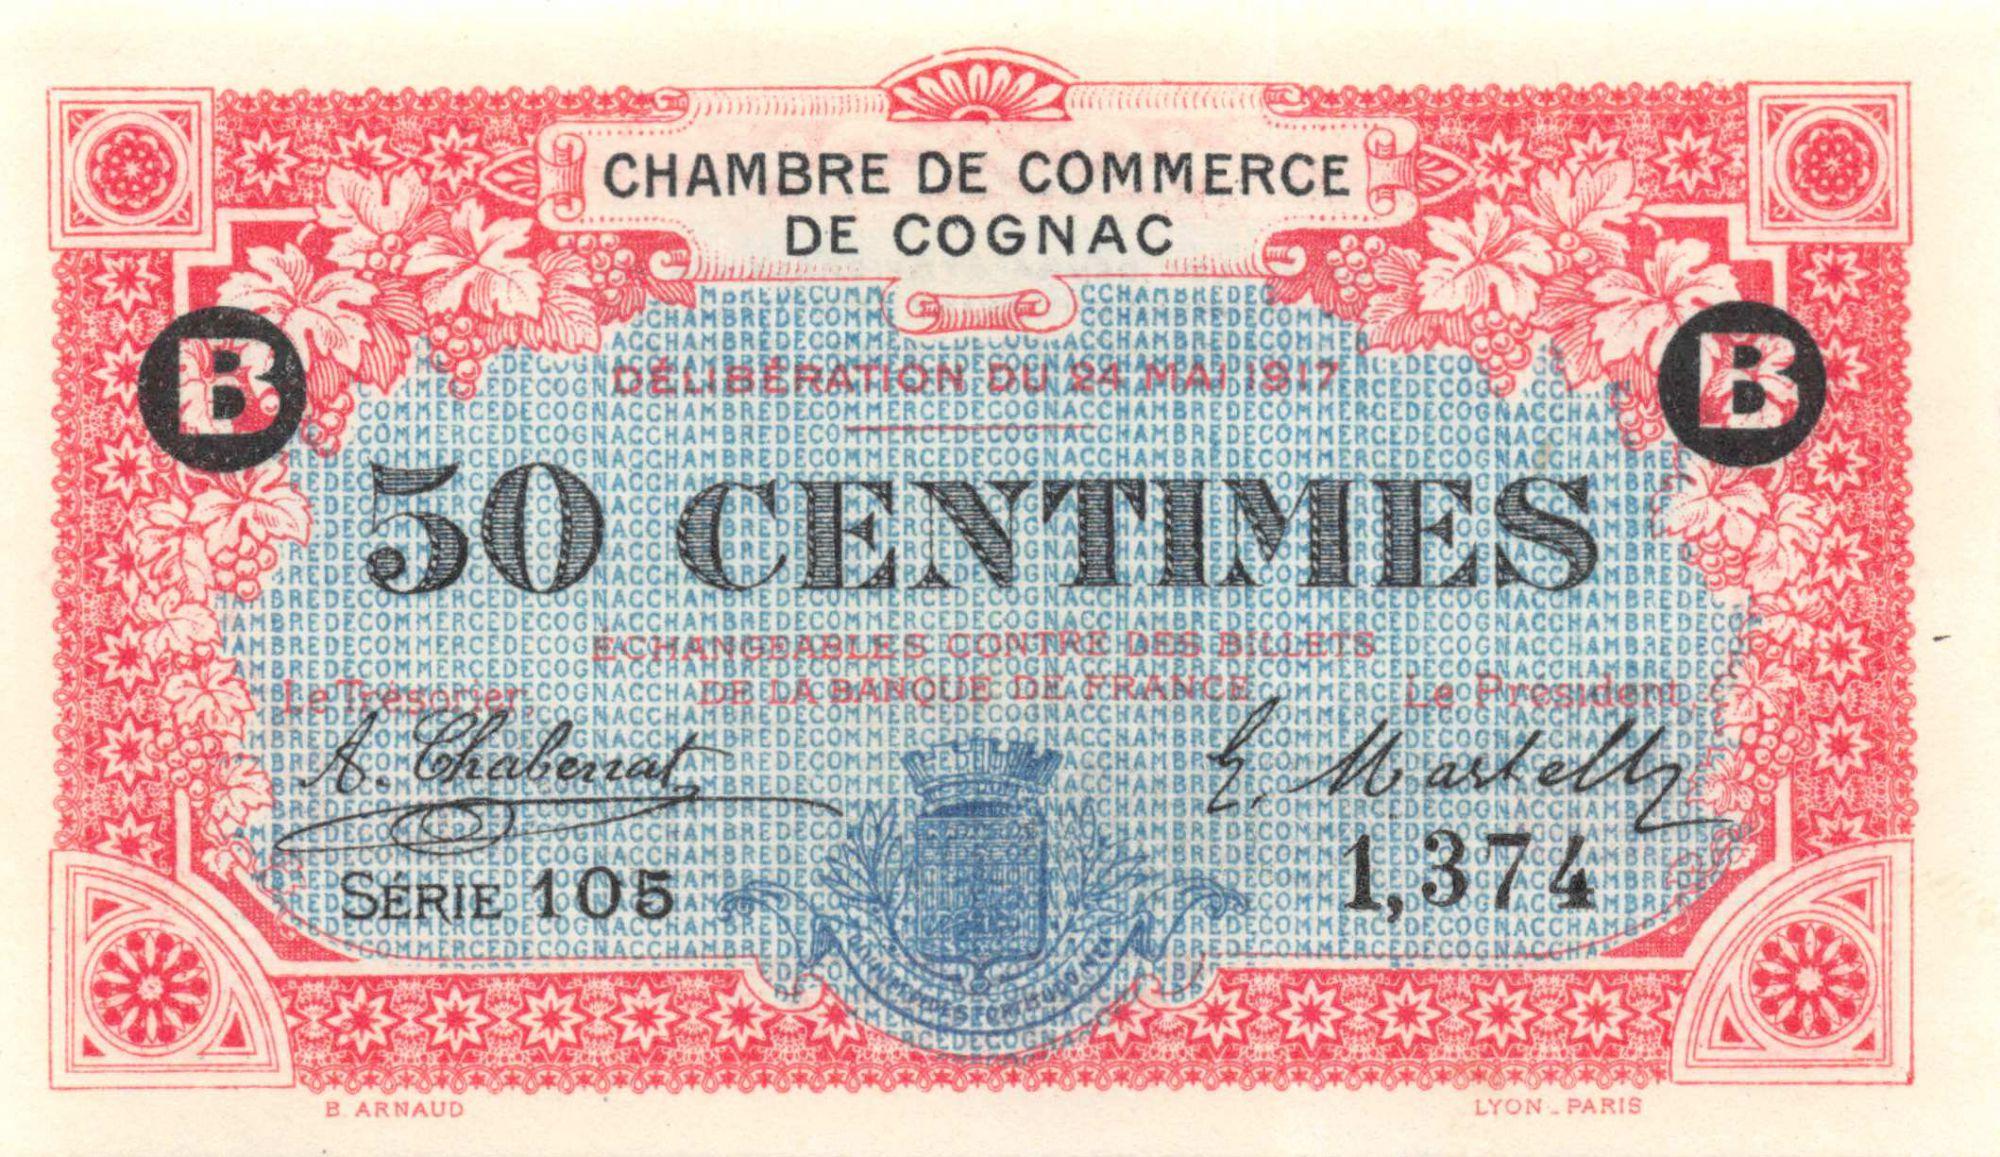 France 50 Centimes - Chambre de Commerce de Cognac 1917 - P.NEUF